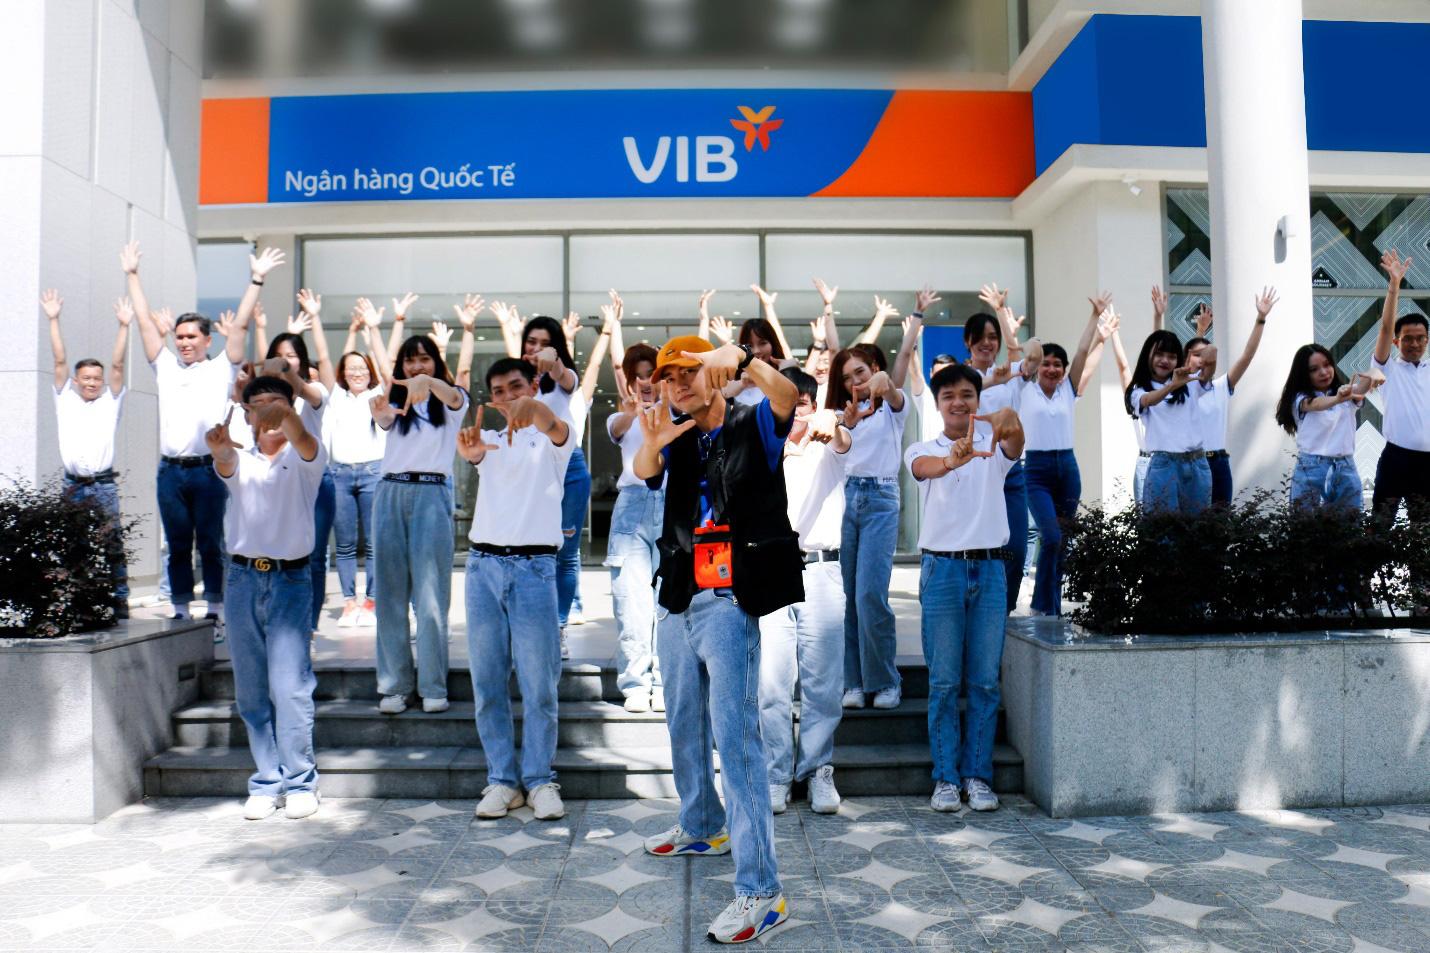 Điệu nhảy Online Plus của Quang Đăng làm dậy sóng mạng xã hội, Hòa Minzy cũng cover theo - Ảnh 1.